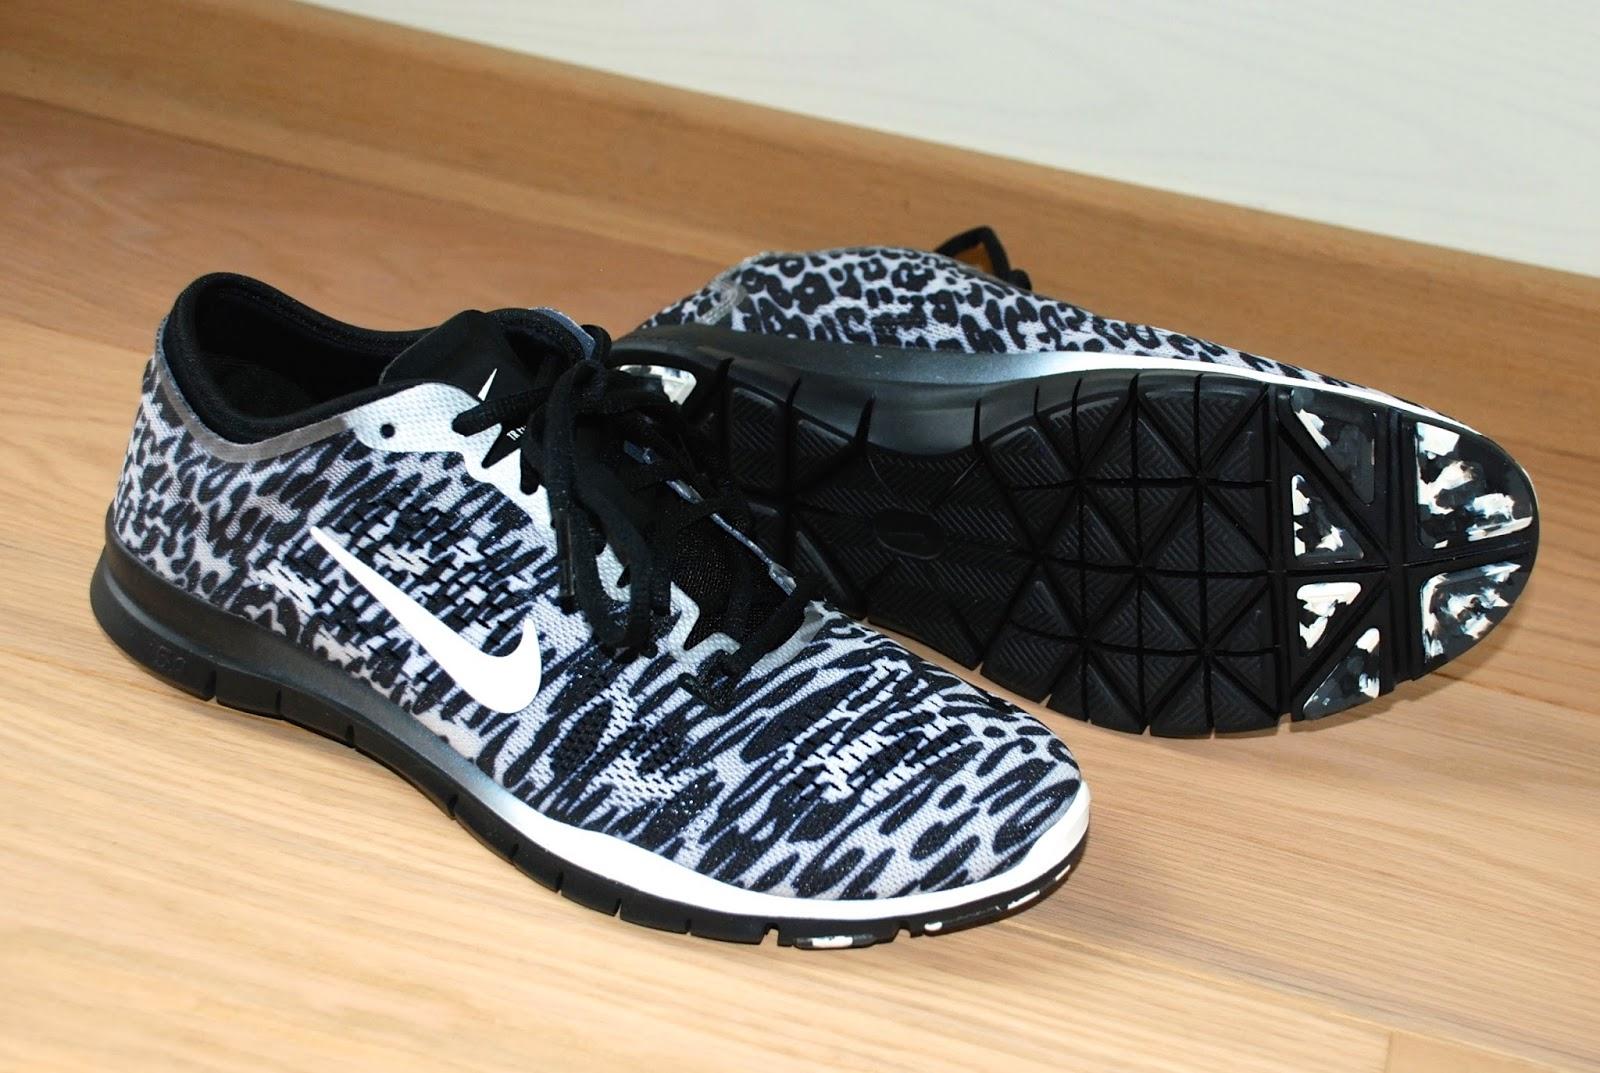 271c92e58b5 http://goat.lasix-order-online.com/jlyib/17 ... DSC_0015.JPG. Nike Hyperdunk  ...